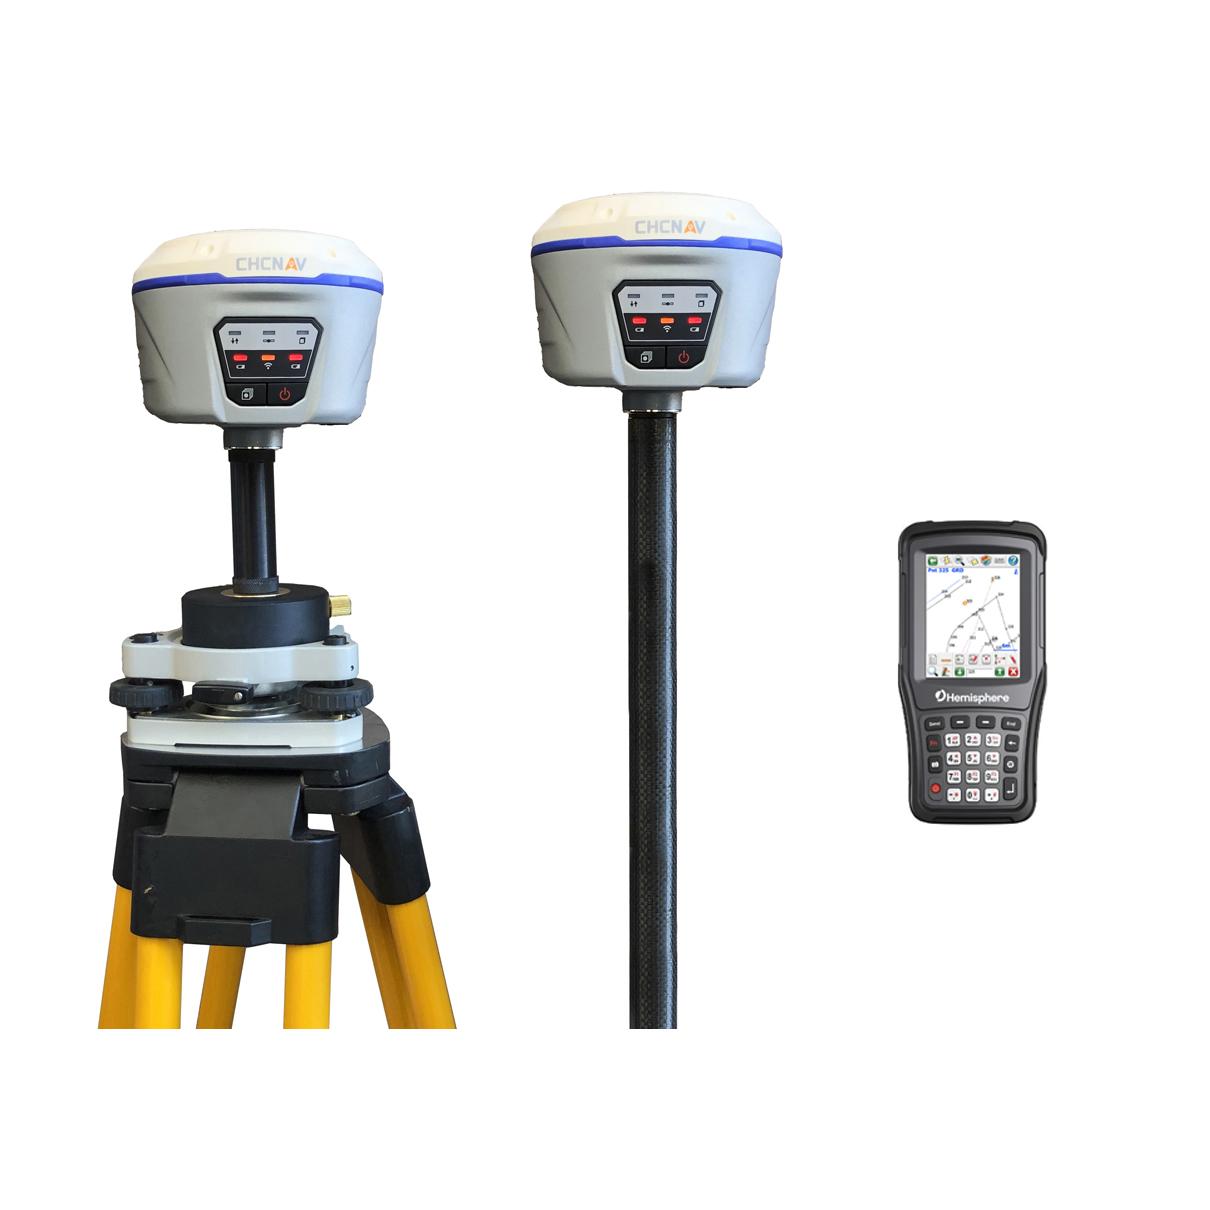 MÁY ĐỊNH VỊ GPS 2 TẦN CHC I50